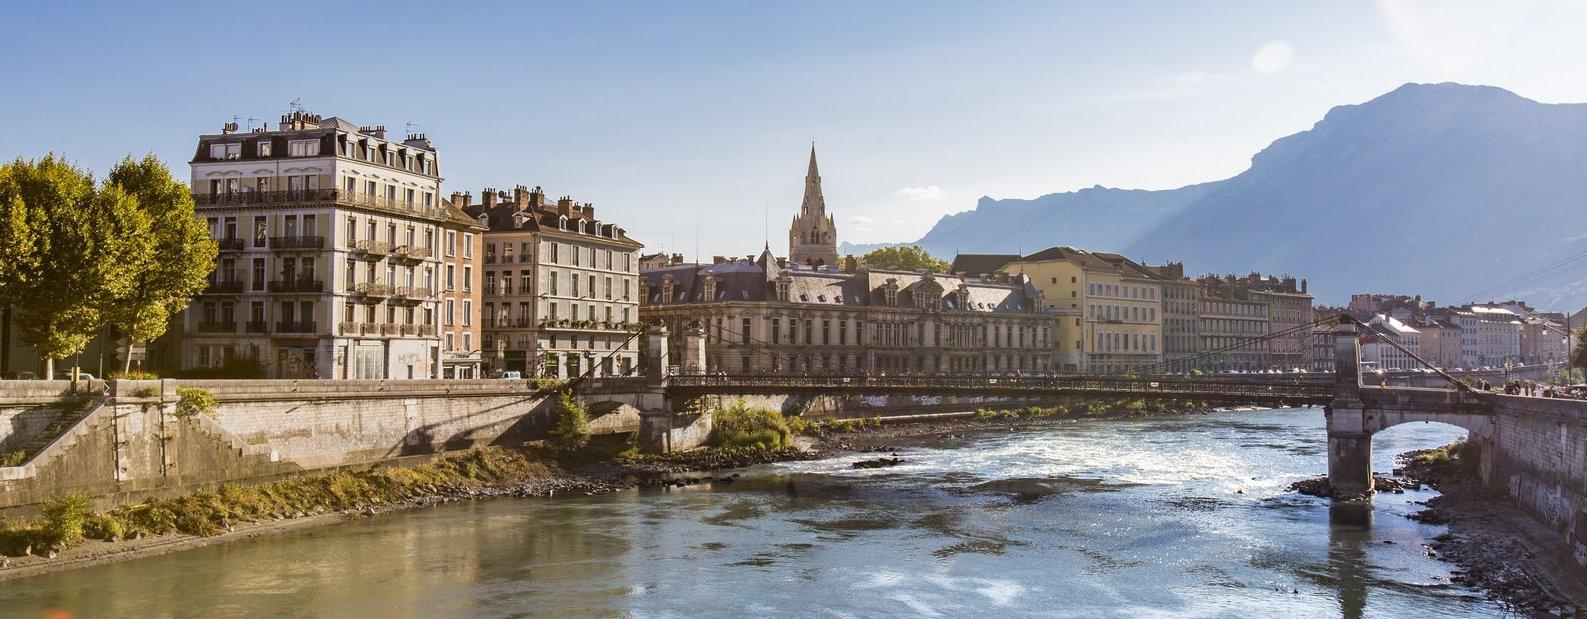 ville de grenoble tourisme